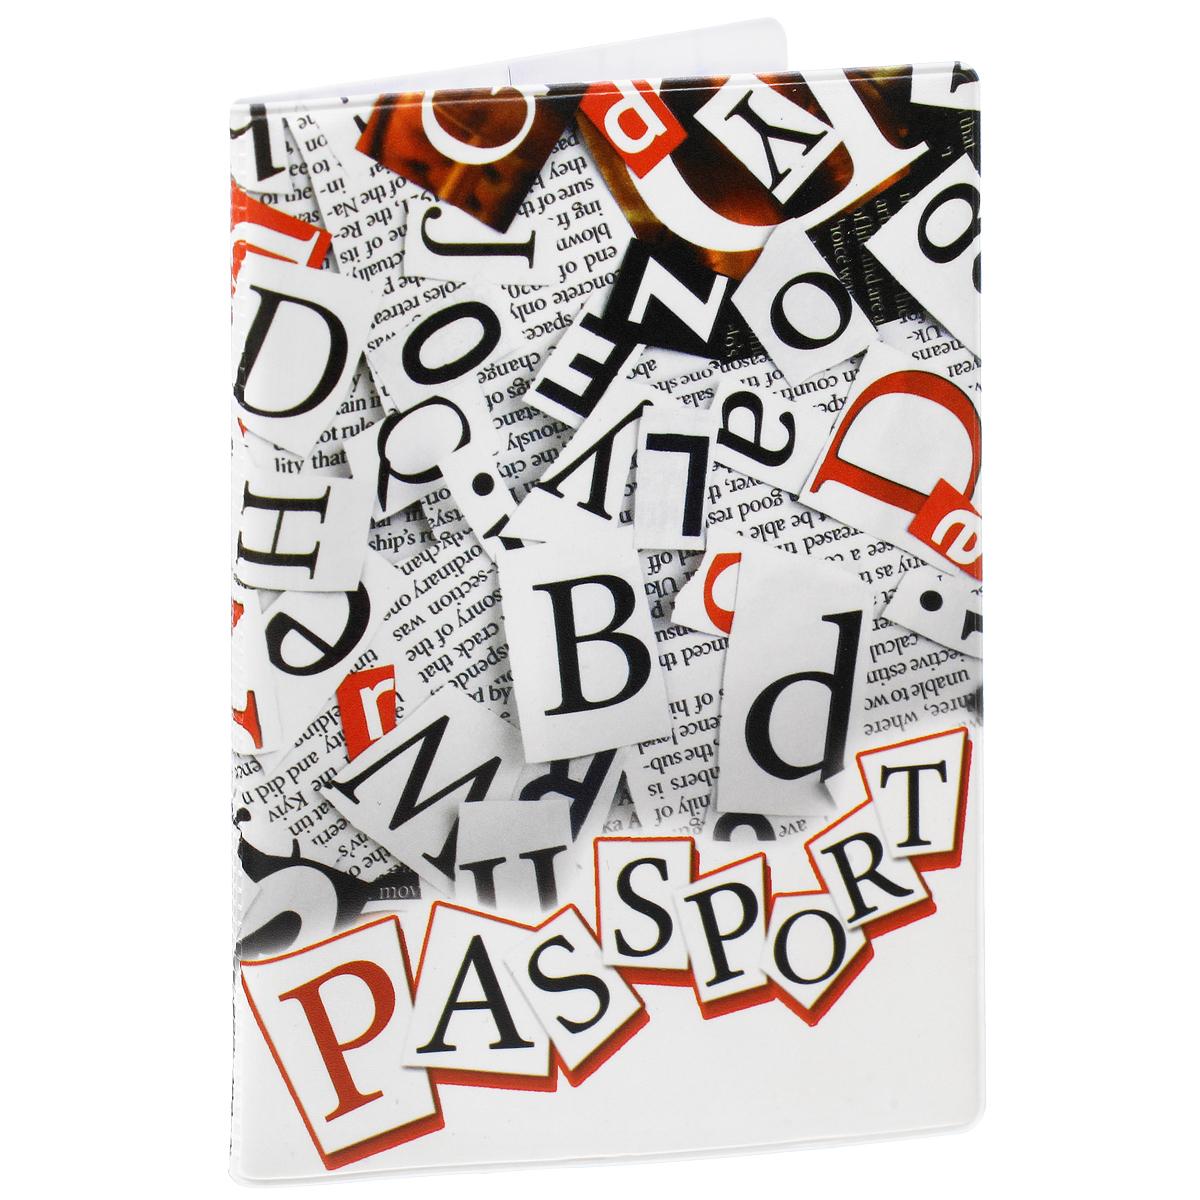 Обложка для паспорта Буквы, цвет: белый, черный, красный. 3773354019-65# CoffeeОбложка для паспорта Буквы не только поможет сохранить внешний вид ваших документов и защитить их от повреждений, но и станет стильным аксессуаром, идеально подходящим вашему образу. Обложка выполнена из поливинилхлорида и оформлена оригинальным изображением букв английского алфавита. Внутри имеет два вертикальных кармана из прозрачного пластика. Такая обложка поможет вам подчеркнуть свою индивидуальность и неповторимость!